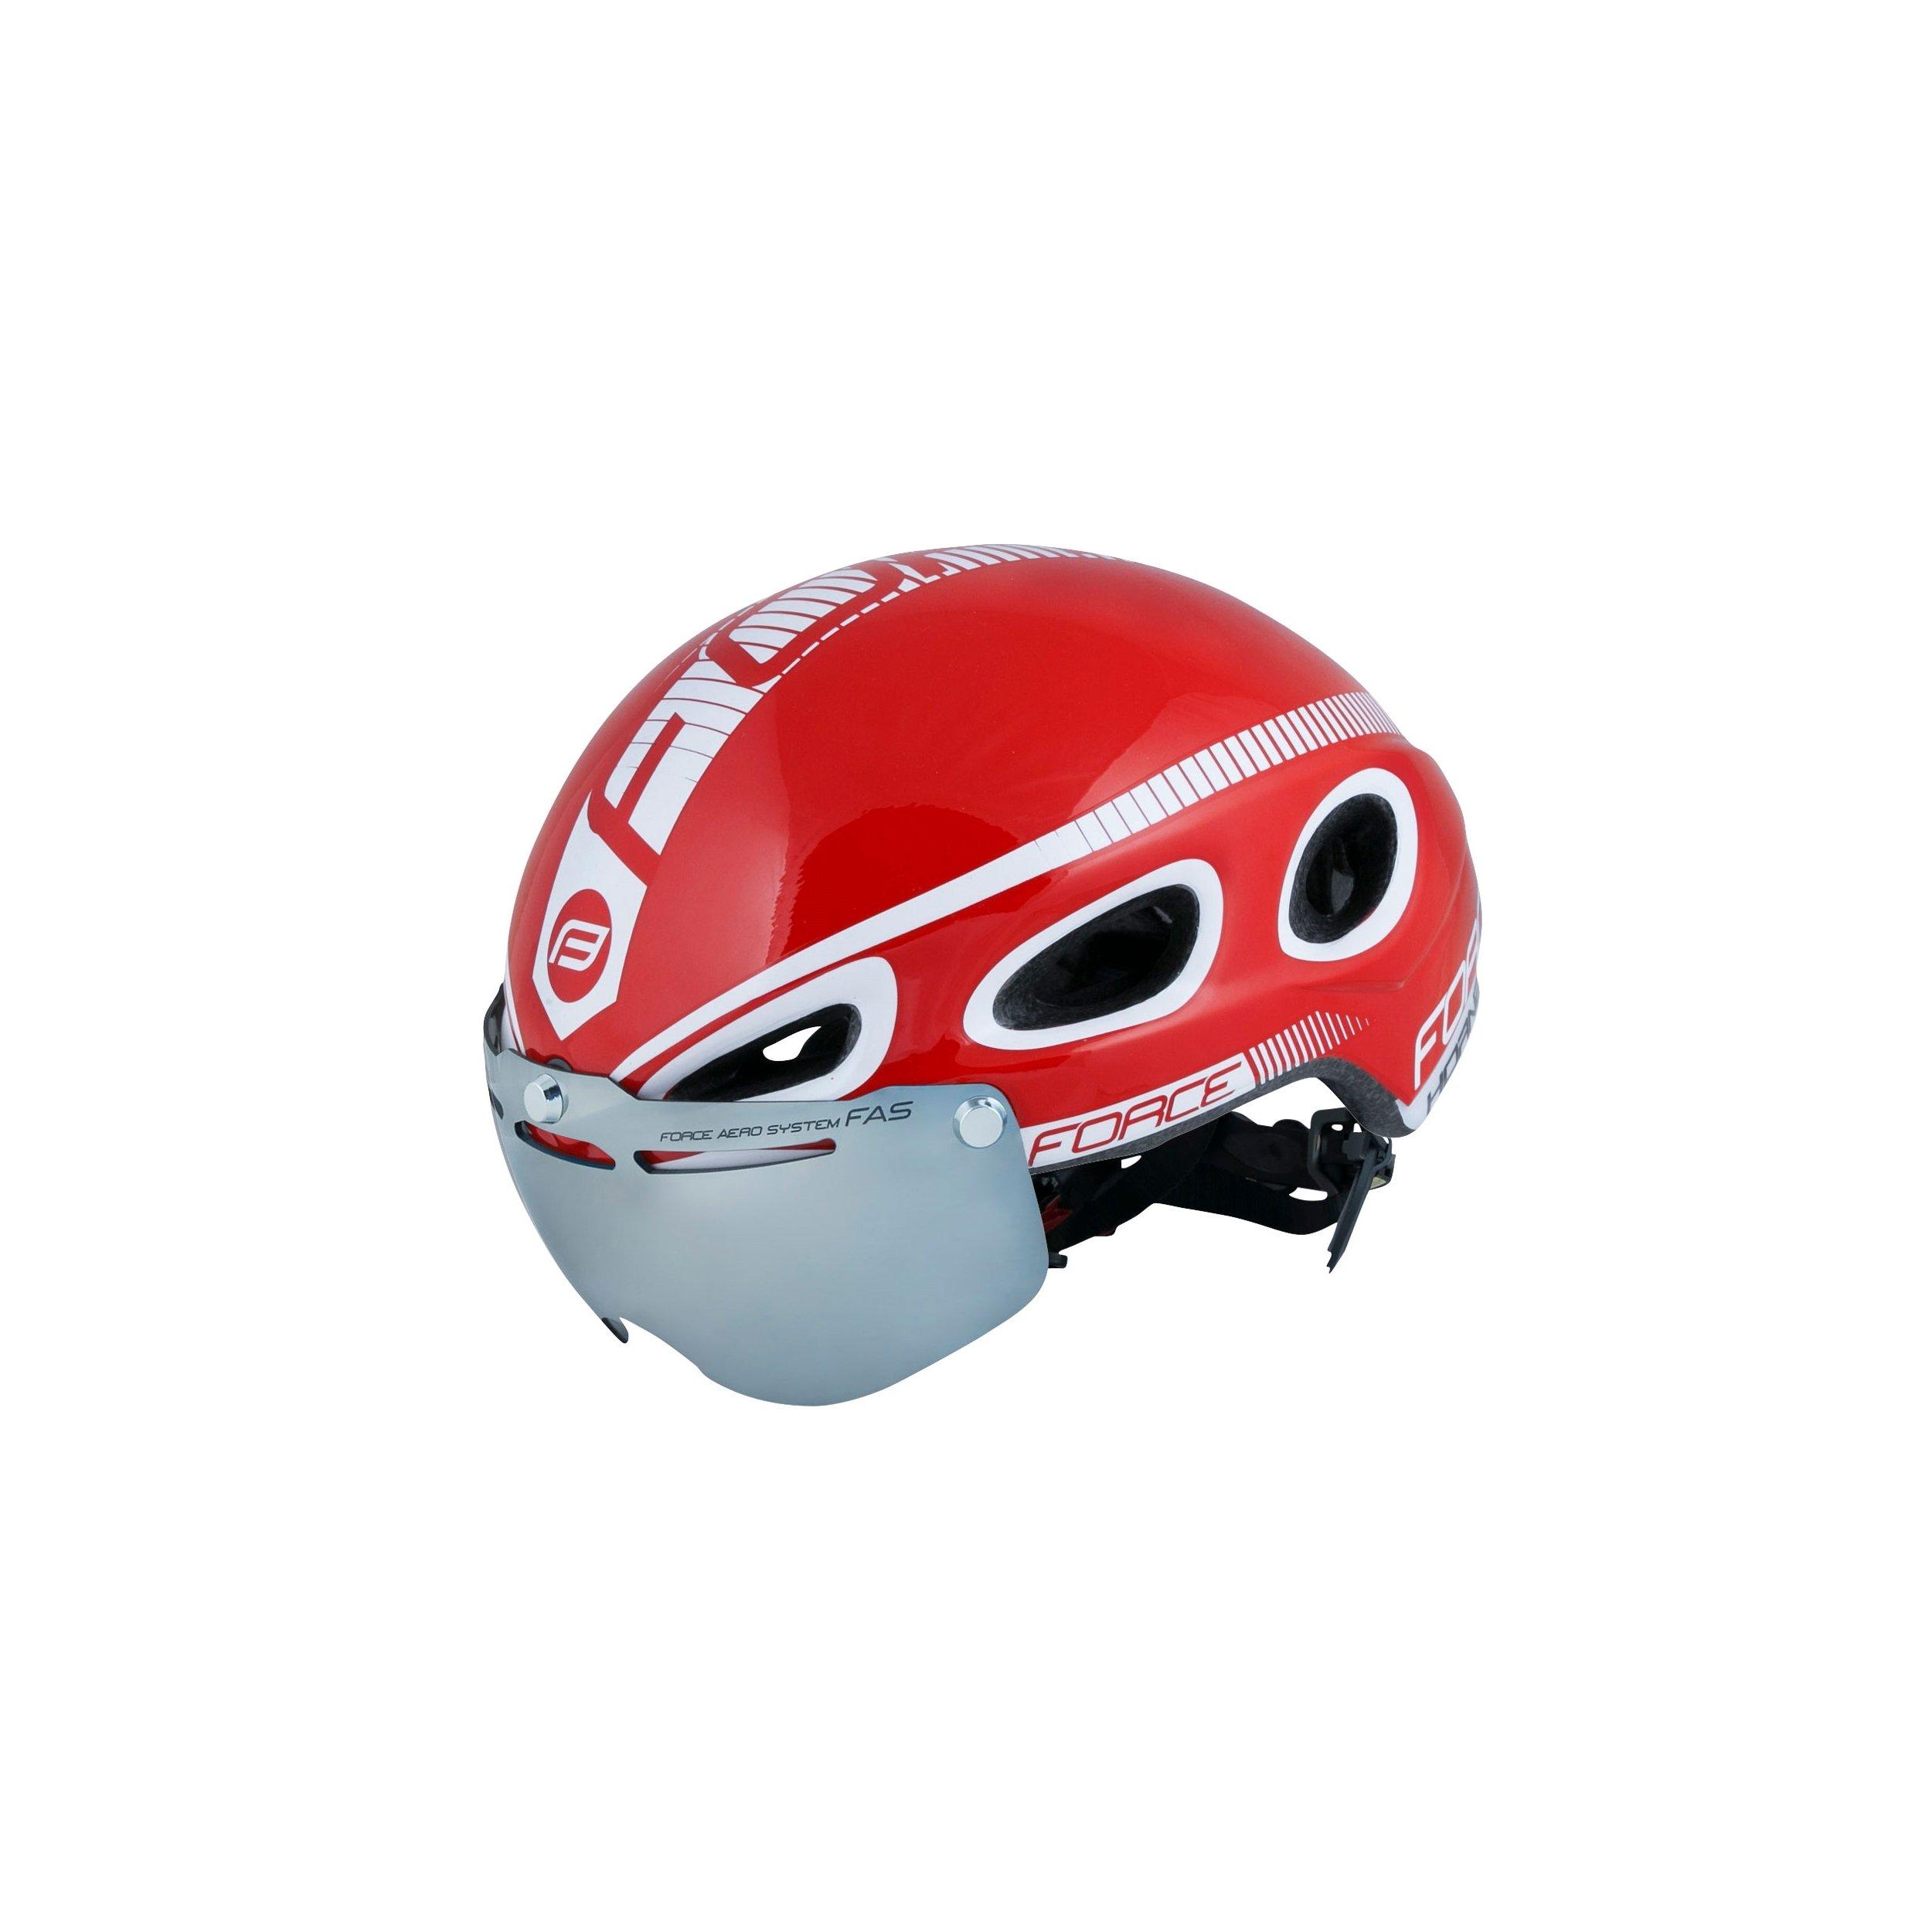 Force Hornet Aerodnamisk Hjelm med Visir Rød   Hjelme